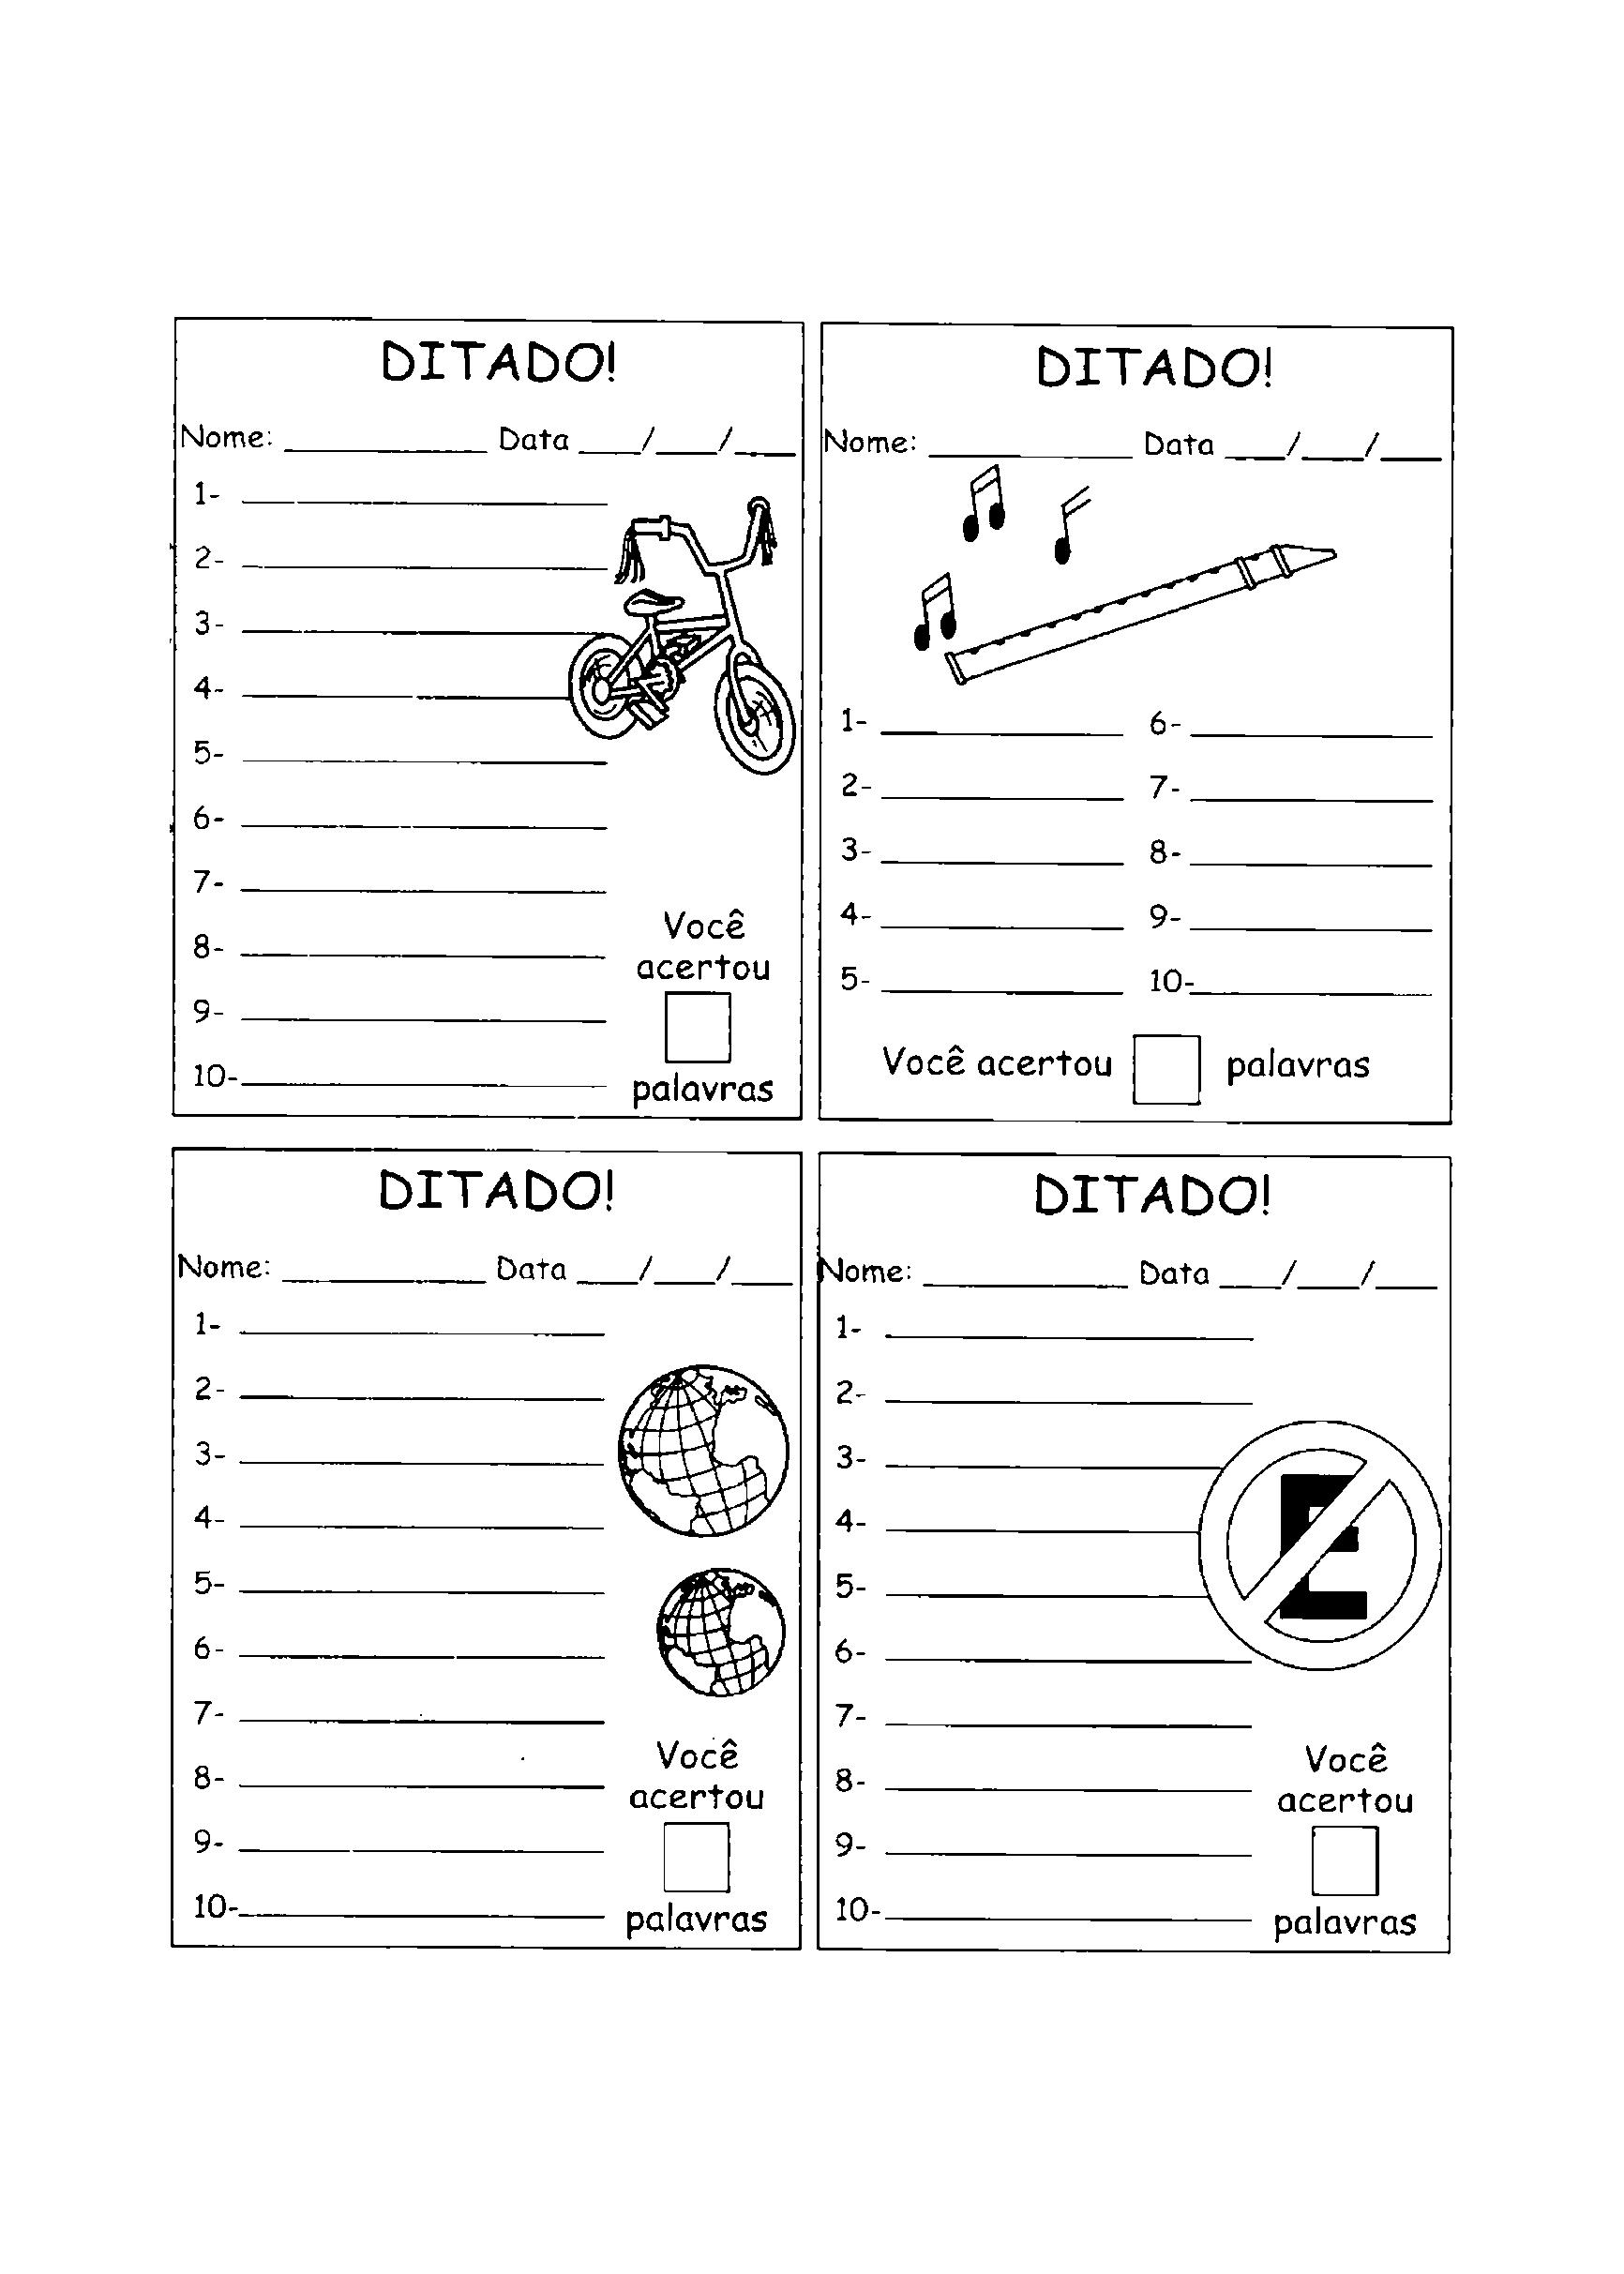 0193-ditado-folhas-bicicleta